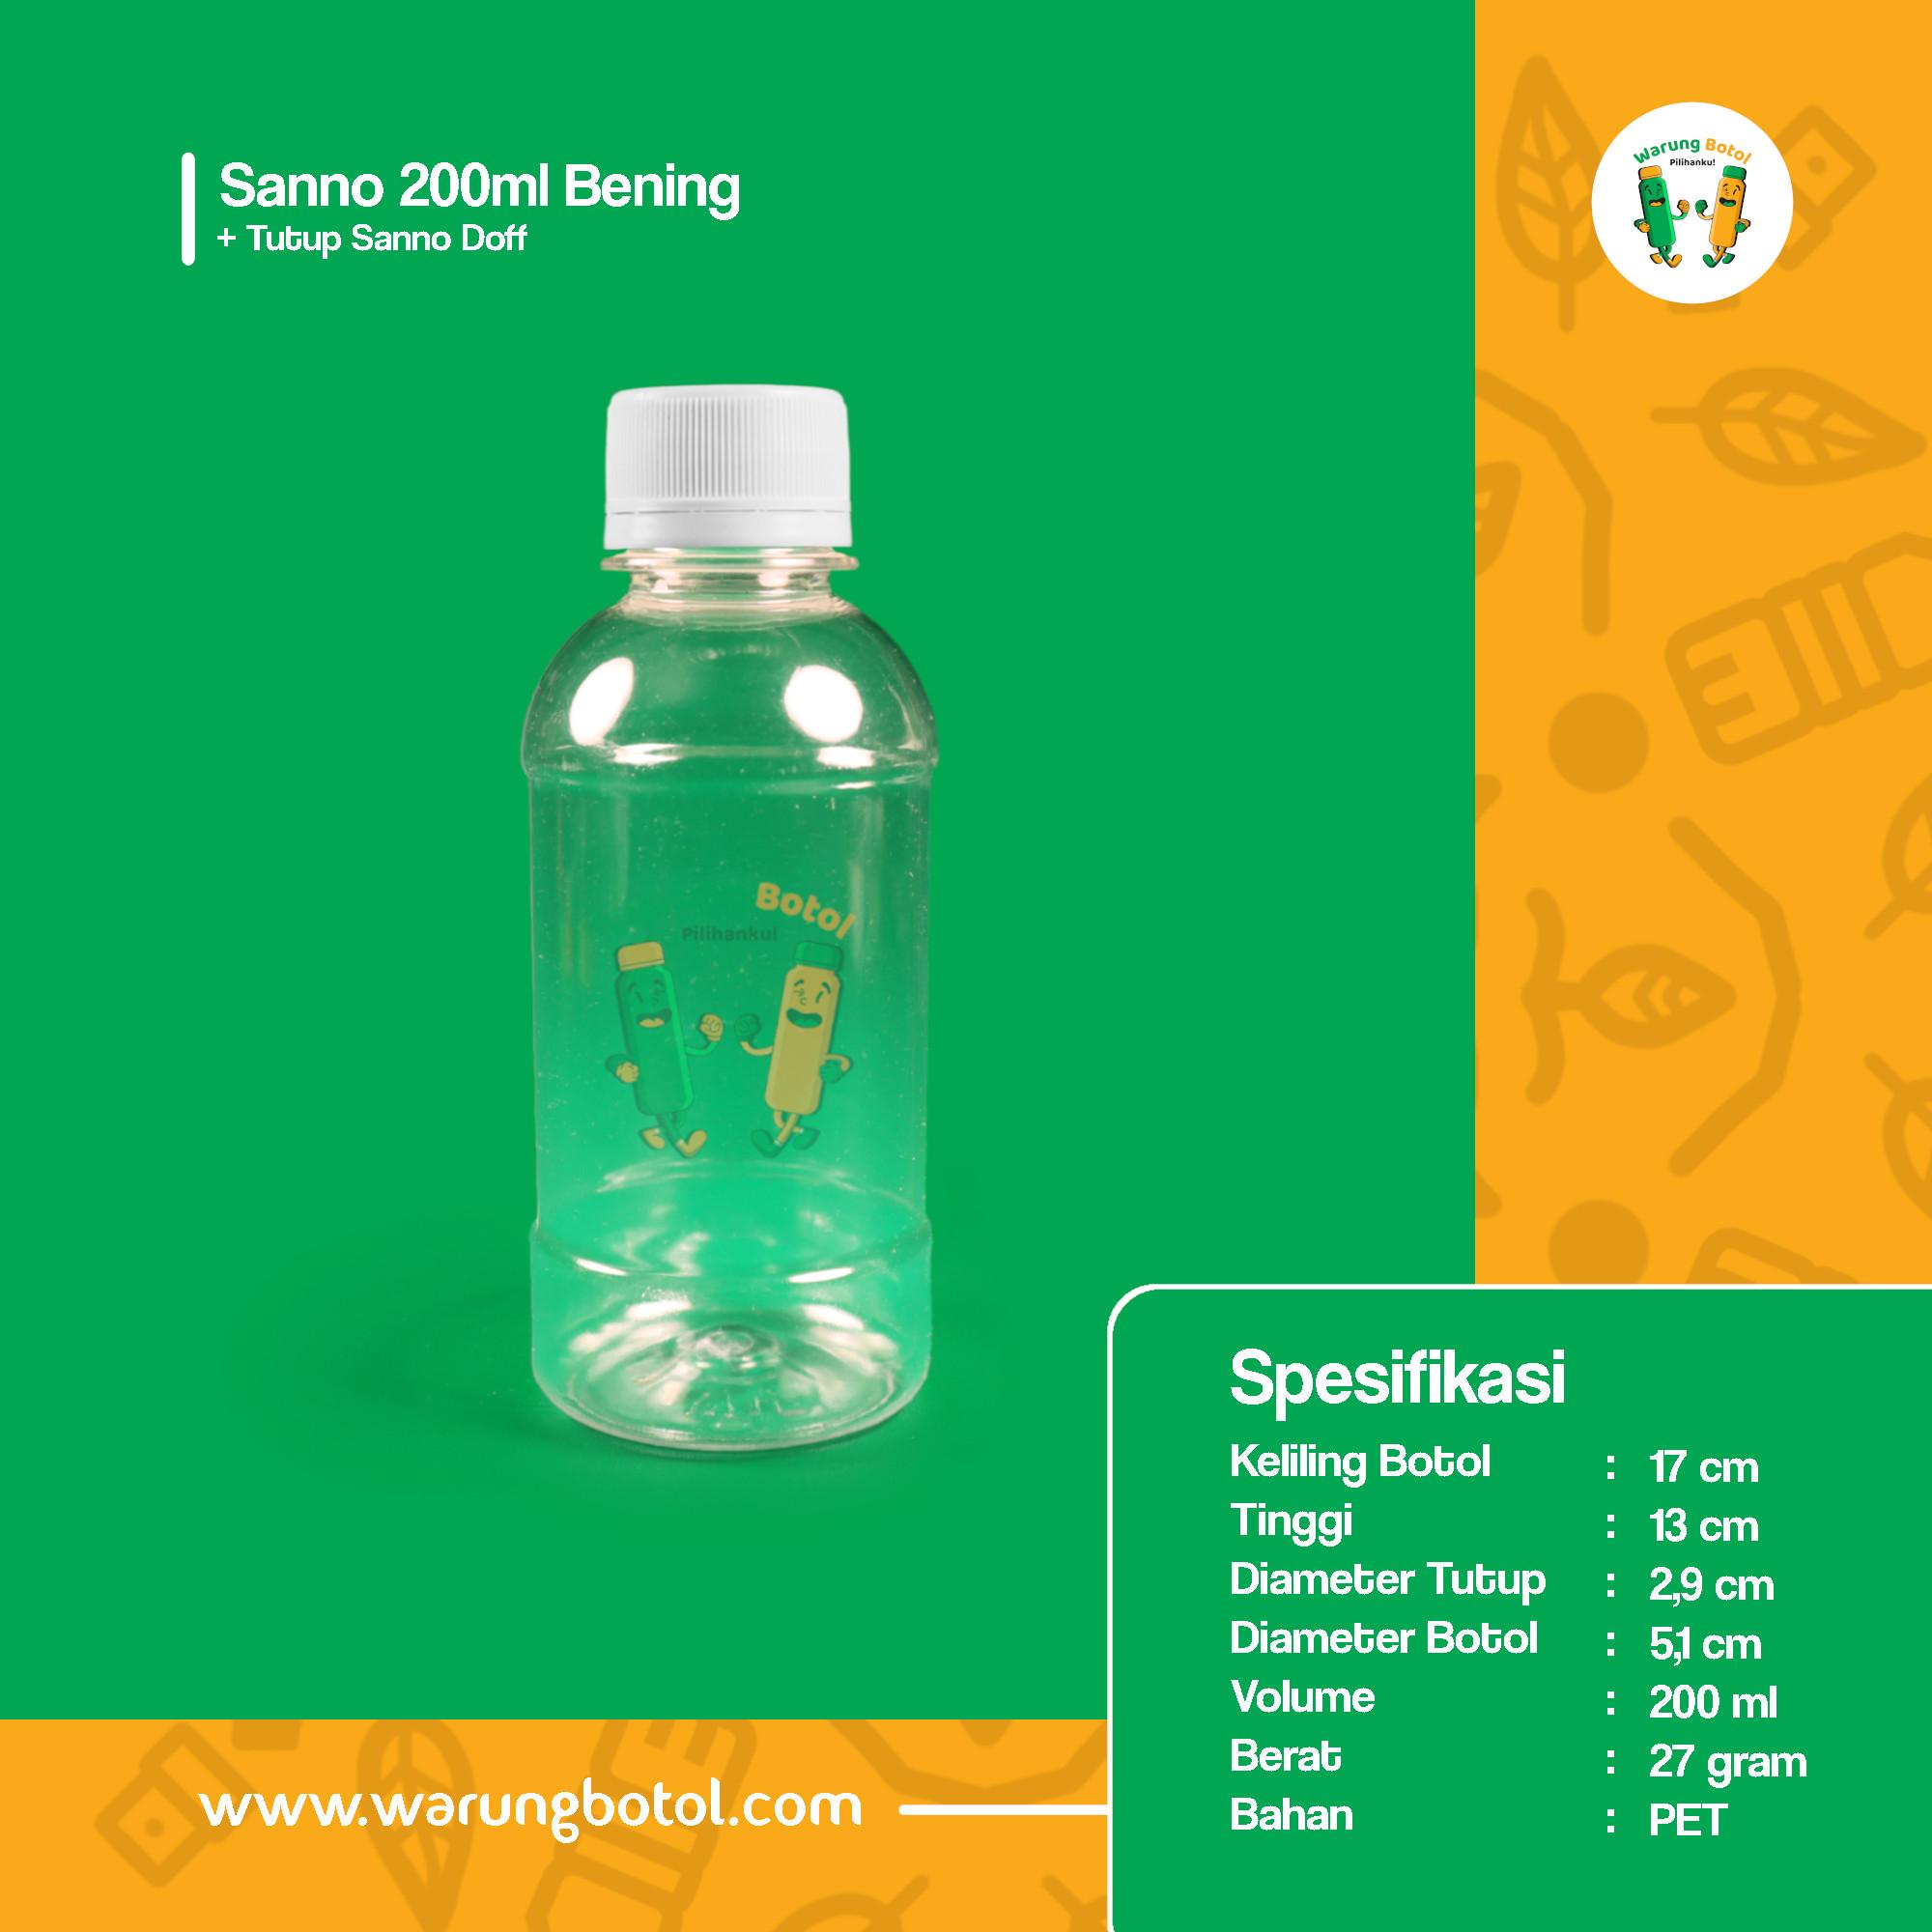 distributor jual botol palastik murah dan unik 200ml untuk kopi jus, minuman, susu soda boba terdekat di bandung jakarta bekasi bogor